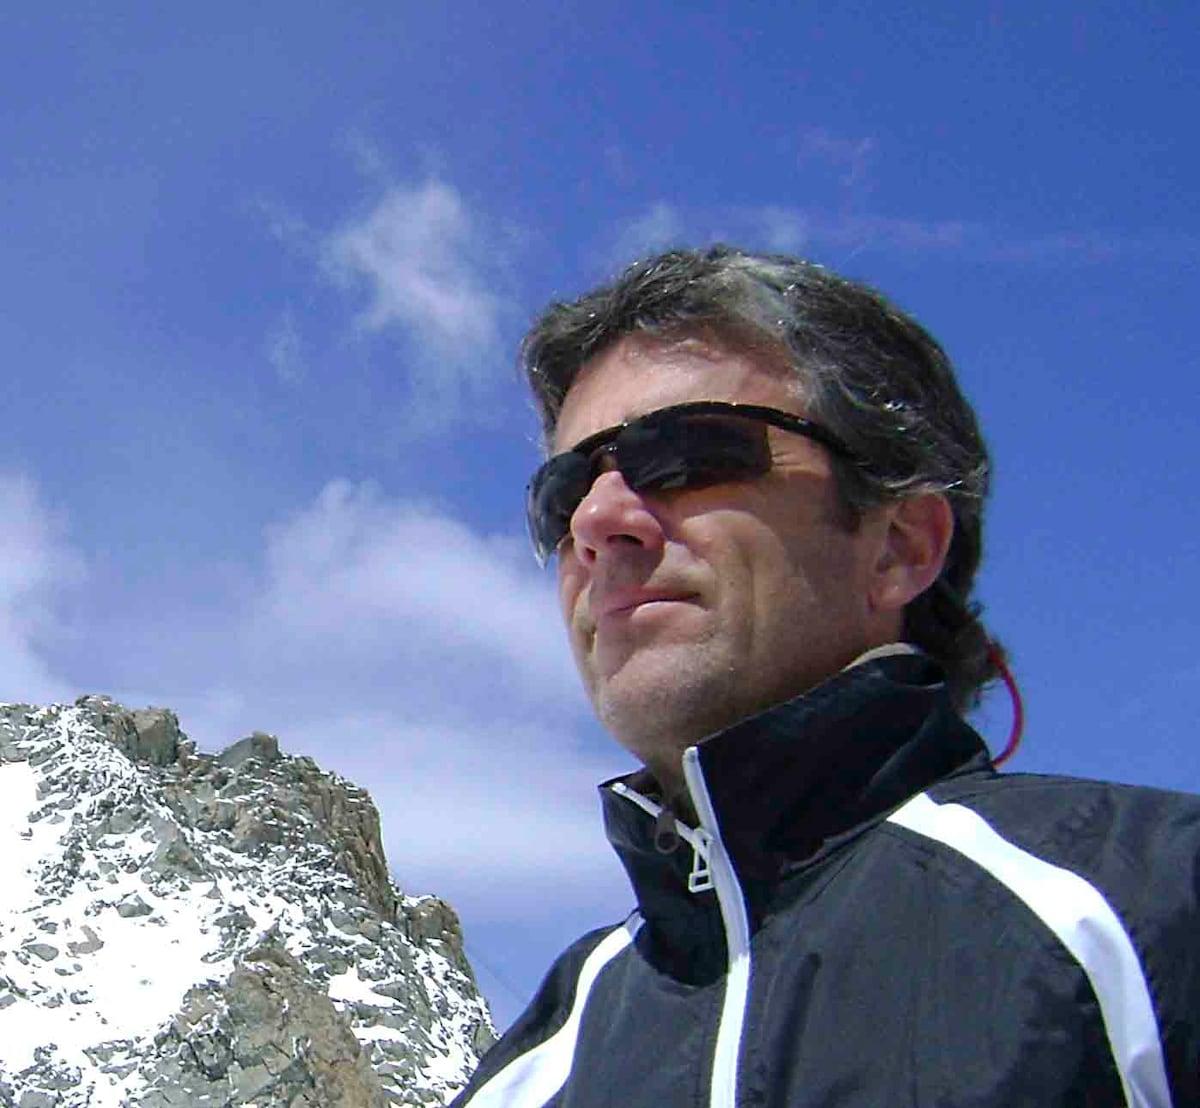 Alejandro from San Carlos de Bariloche